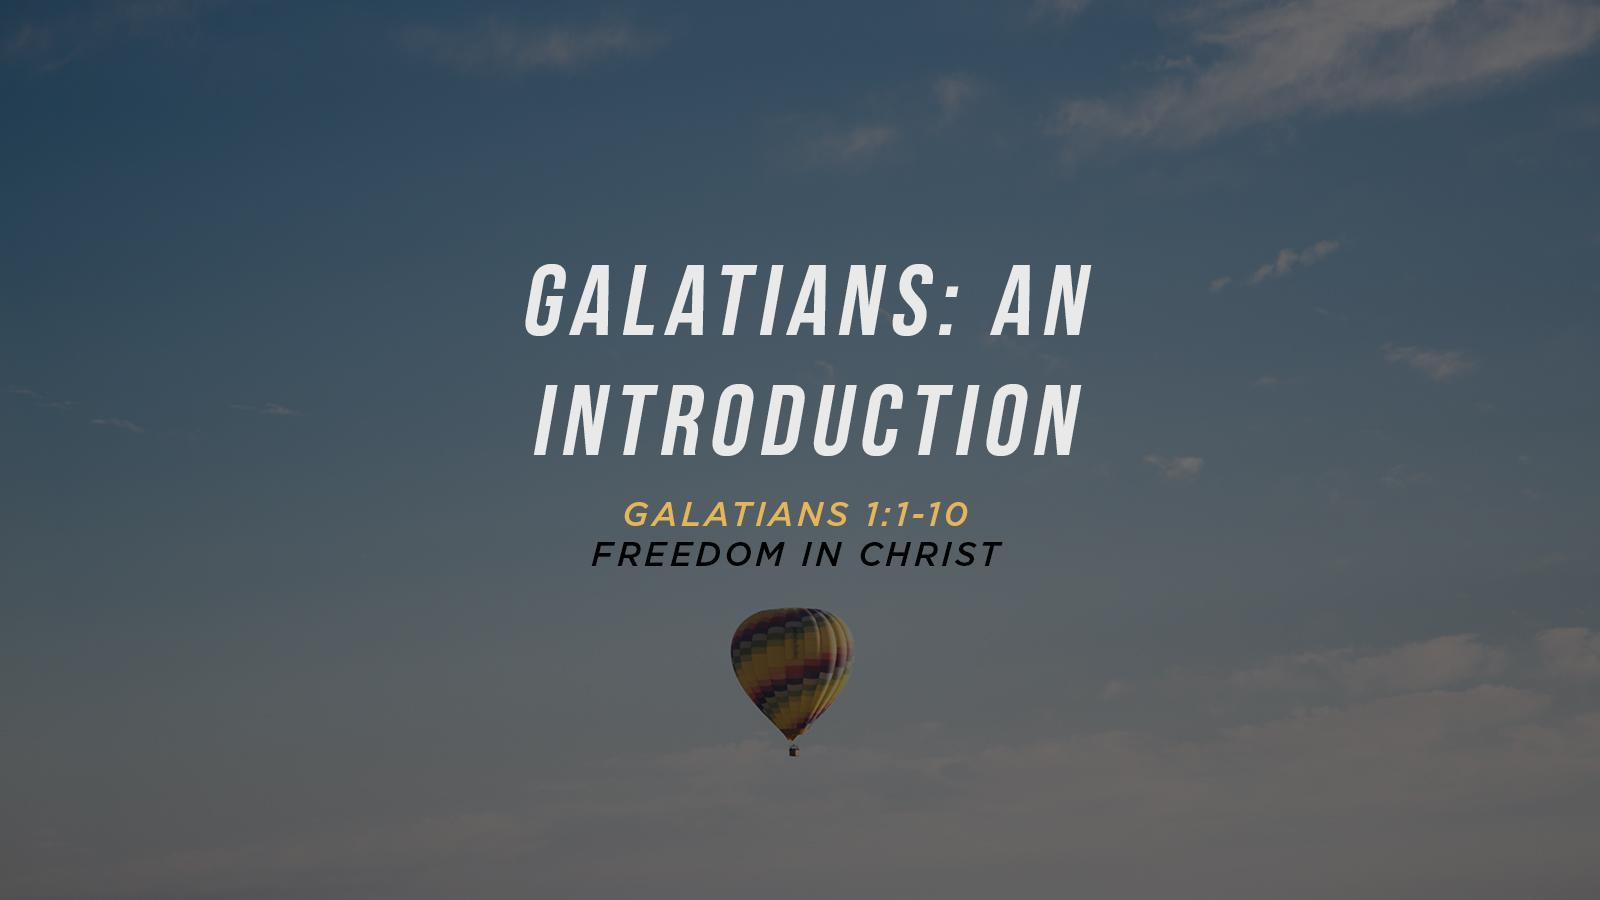 Galatians, an introduction